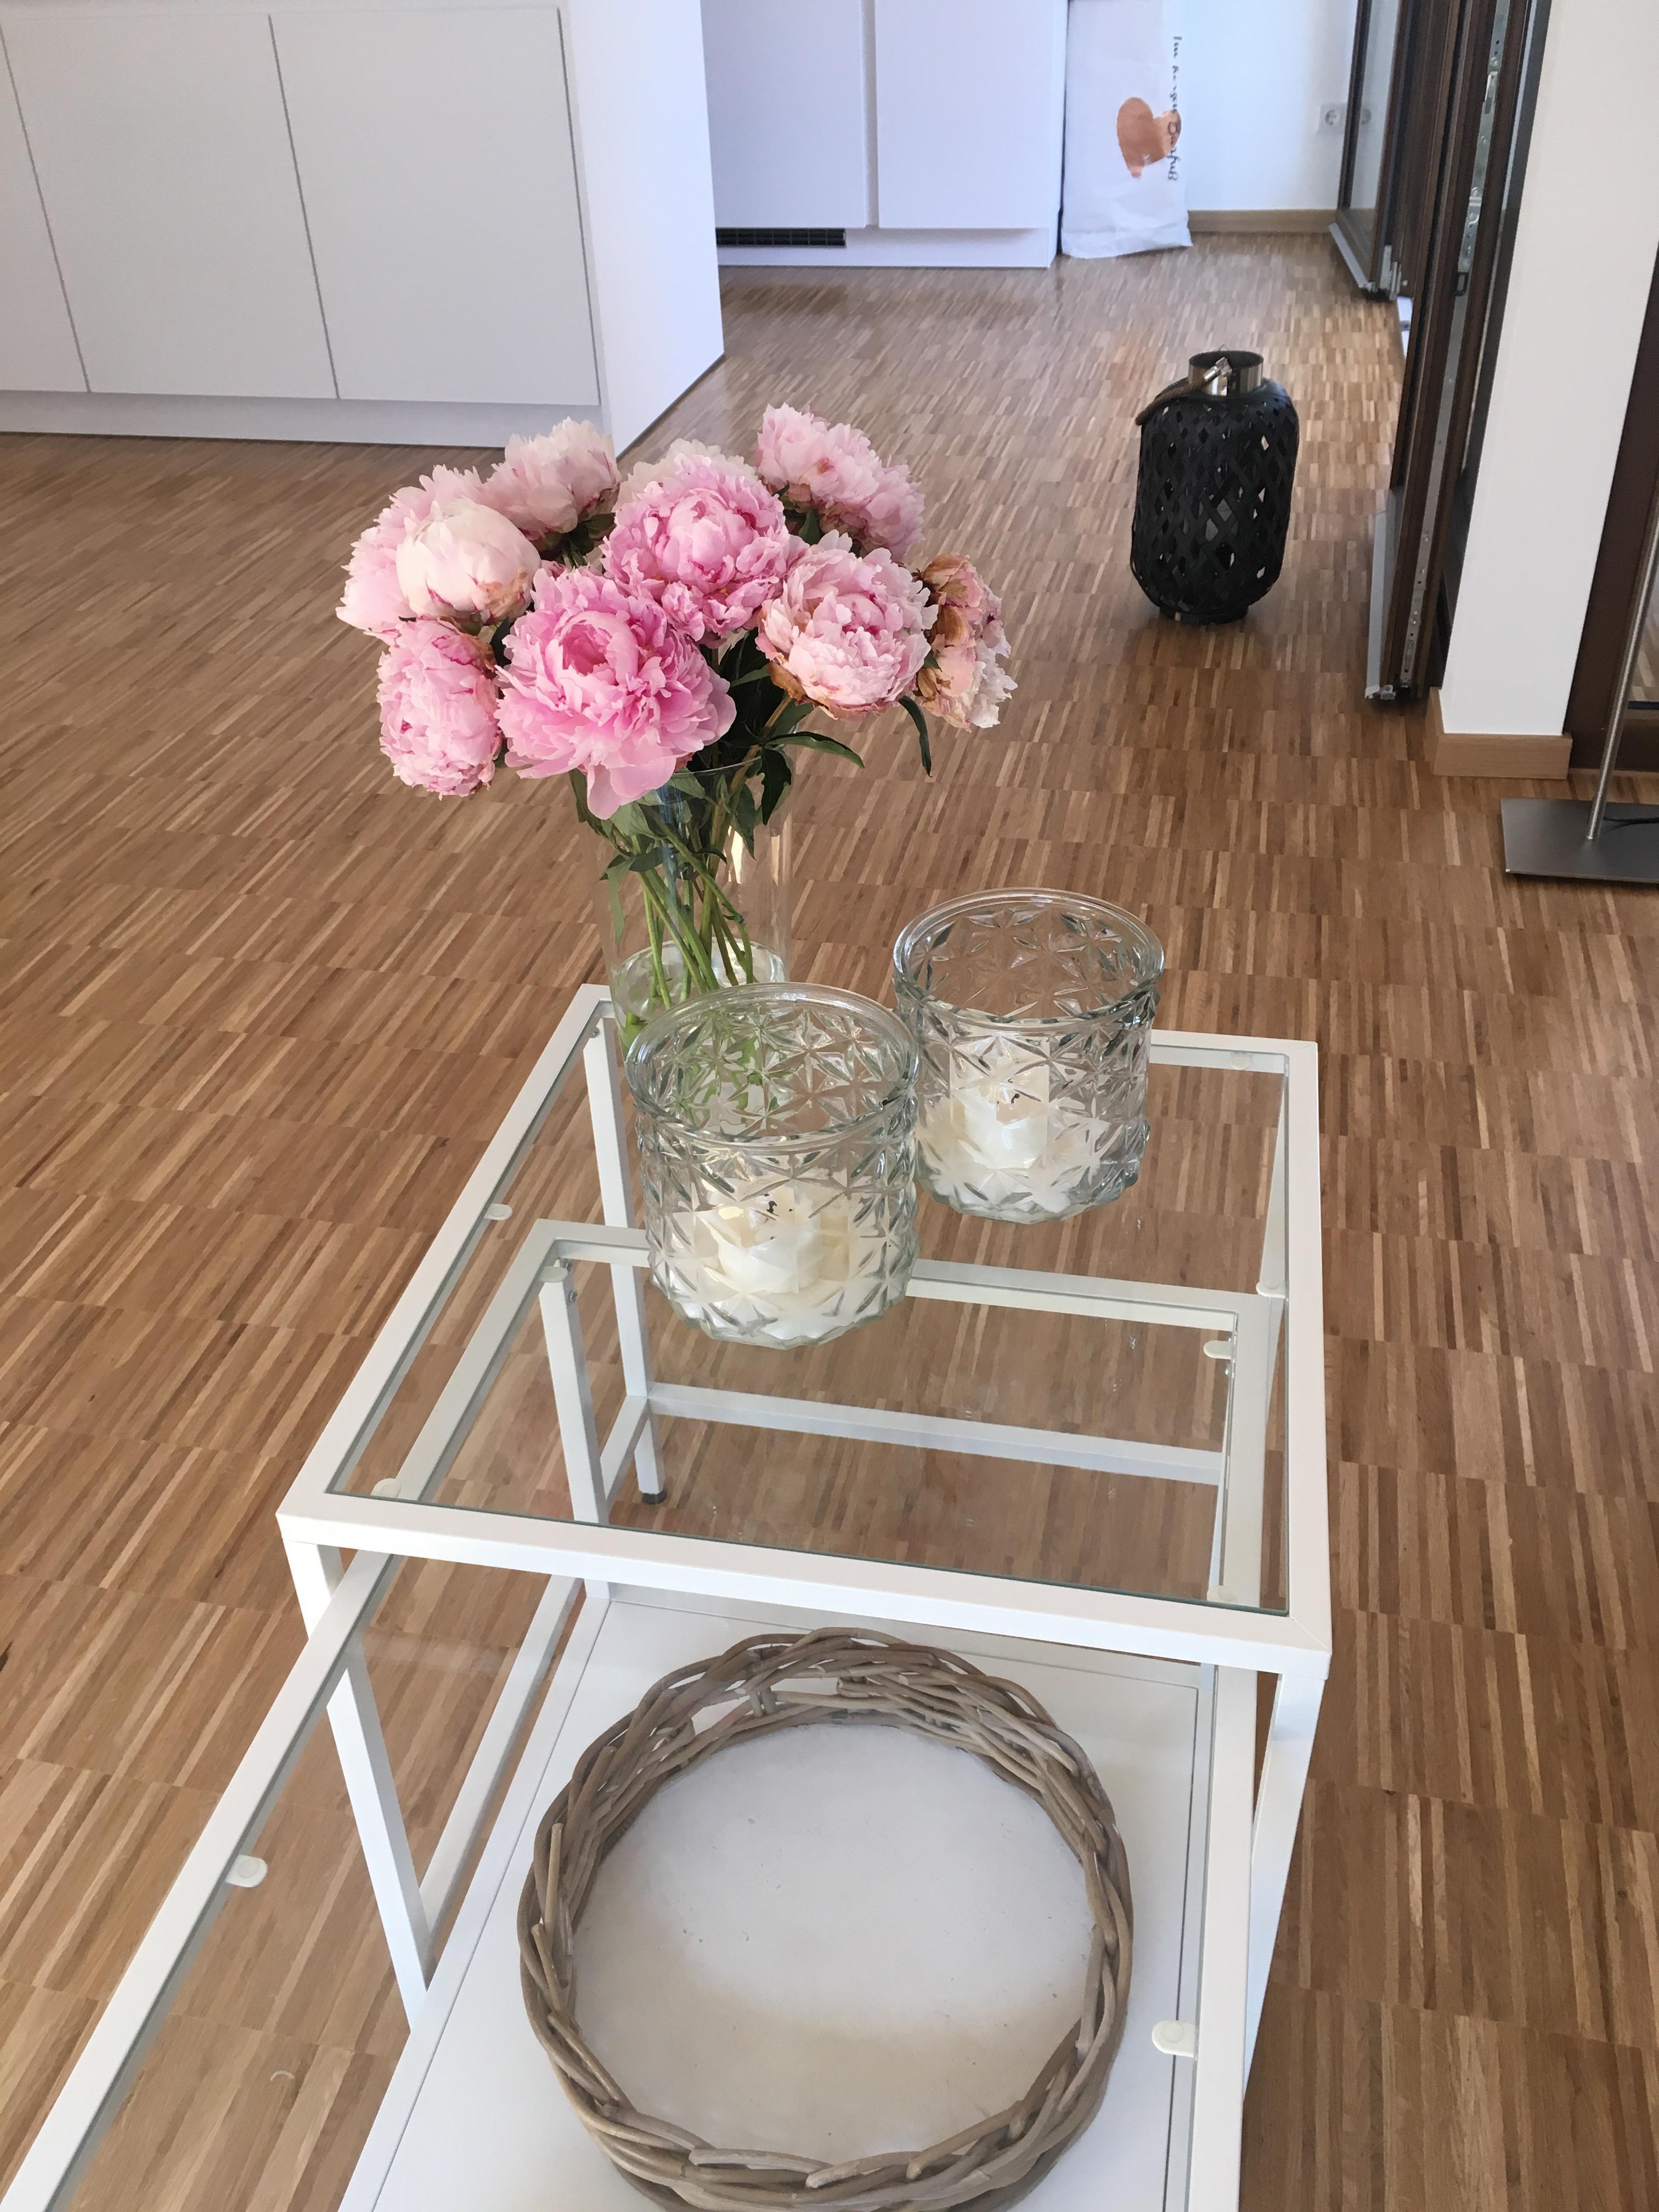 #Pfingstrosen   Liebe 💗 #Couchtisch Aus Glas #Ikealiebling